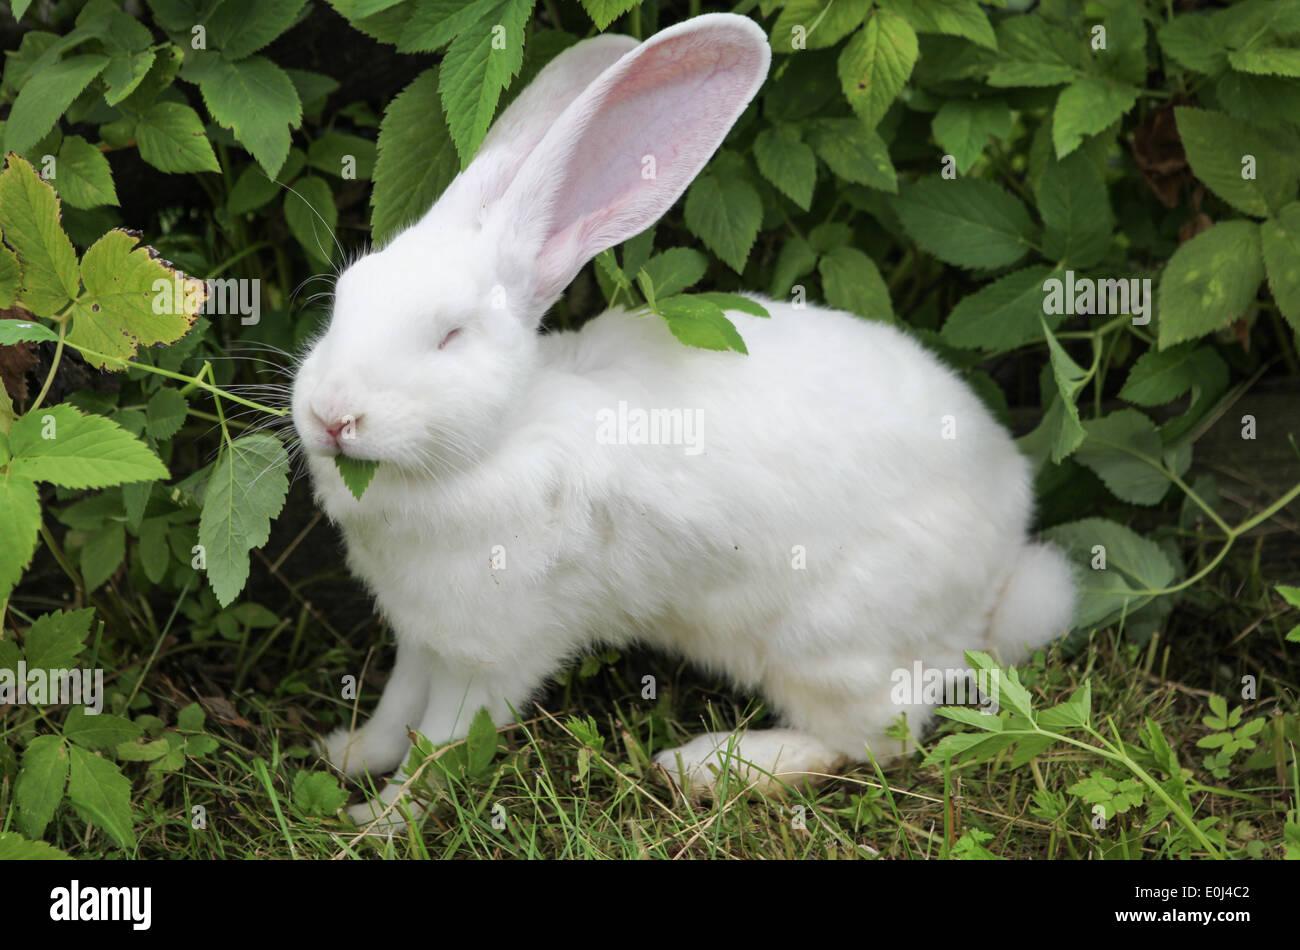 White rabbit eating leaves. - Stock Image